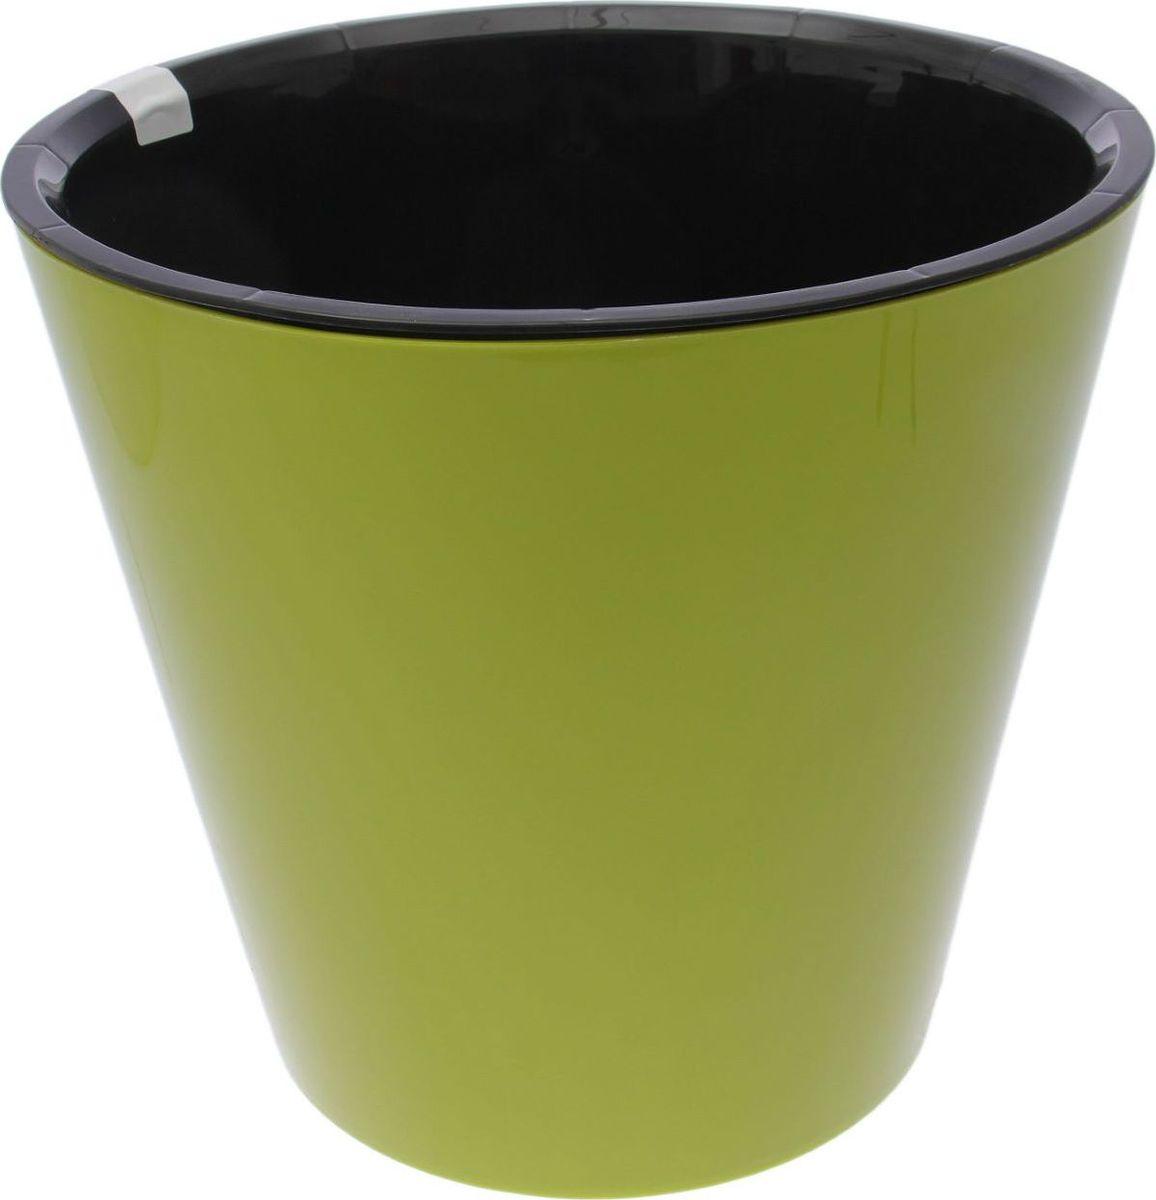 Горшок для цветов Фиджи, на колесиках, цвет: салатовый, 16 л00540-20.000.00Любой, даже самый современный и продуманный интерьер будет незавершённым без растений. Они не только очищают воздух и насыщают его кислородом, но и украшают окружающее пространство. Такому полезному члену семьи просто необходим красивый и функциональный дом! Мы предлагаем #name#! Оптимальный выбор материала — пластмасса! Почему мы так считаем?Малый вес. С лёгкостью переносите горшки и кашпо с места на место, ставьте их на столики или полки, не беспокоясь о нагрузке. Простота ухода. Кашпо не нуждается в специальных условиях хранения. Его легко чистить — достаточно просто сполоснуть тёплой водой. Никаких потёртостей. Такие кашпо не царапают и не загрязняют поверхности, на которых стоят. Пластик дольше хранит влагу, а значит, растение реже нуждается в поливе. Пластмасса не пропускает воздух — корневой системе растения не грозят резкие перепады температур. Огромный выбор форм, декора и расцветок — вы без труда найдёте что-то, что идеально впишется в уже существующий интерьер. Соблюдая нехитрые правила ухода, вы можете заметно продлить срок службы горшков и кашпо из пластика:всегда учитывайте размер кроны и корневой системы (при разрастании большое растение способно повредить маленький горшок)берегите изделие от воздействия прямых солнечных лучей, чтобы горшки не выцветалидержите кашпо из пластика подальше от нагревающихся поверхностей. Создавайте прекрасные цветочные композиции, выращивайте рассаду или необычные растения.